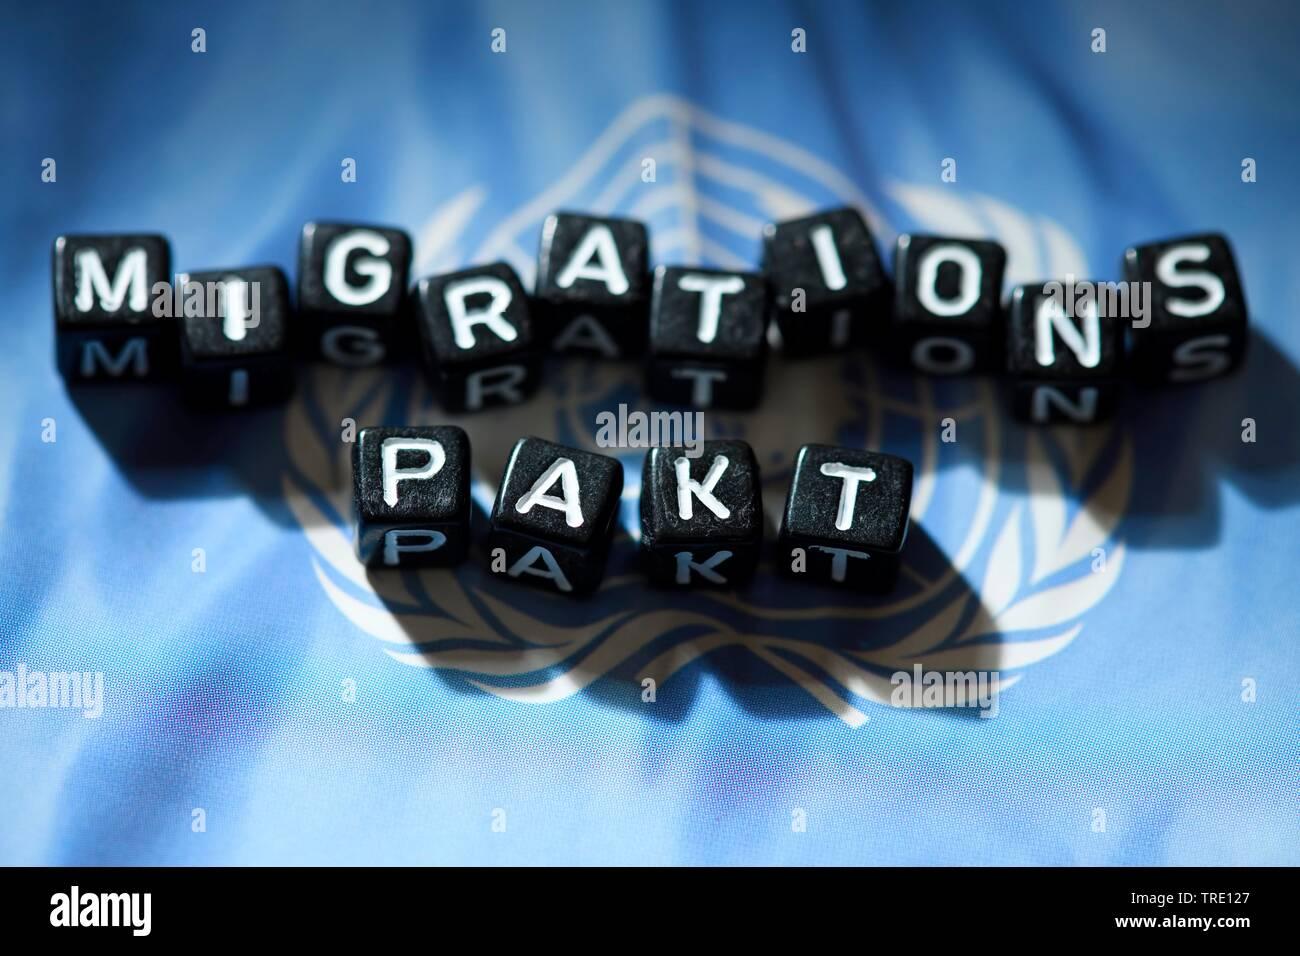 Die Woerter MIGRATIONS PAKT auf einer UN-Flagge, aus Buchstabenwuerfeln gebildet   Lettering MIGRATIONS PAKT (UN migration pact) on top of the UN flag - Stock Image